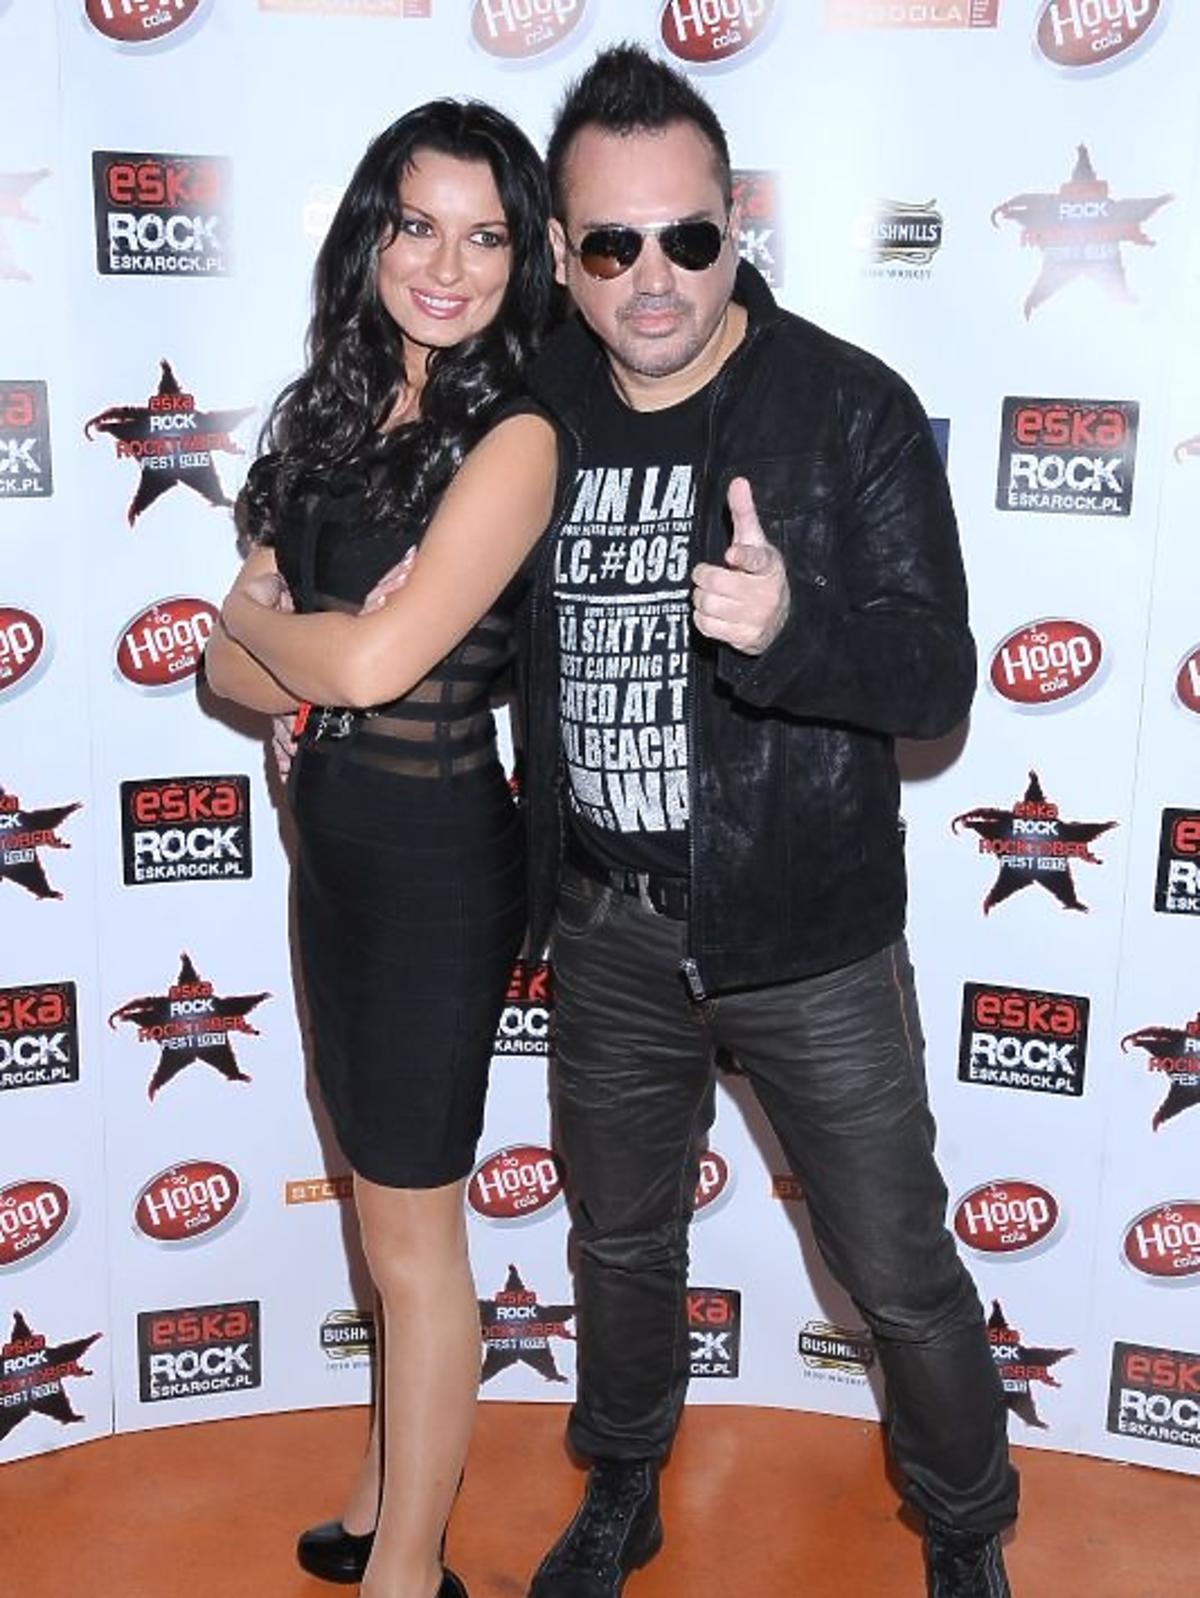 Szymon Wydra na urodzinach radia Eska Rock